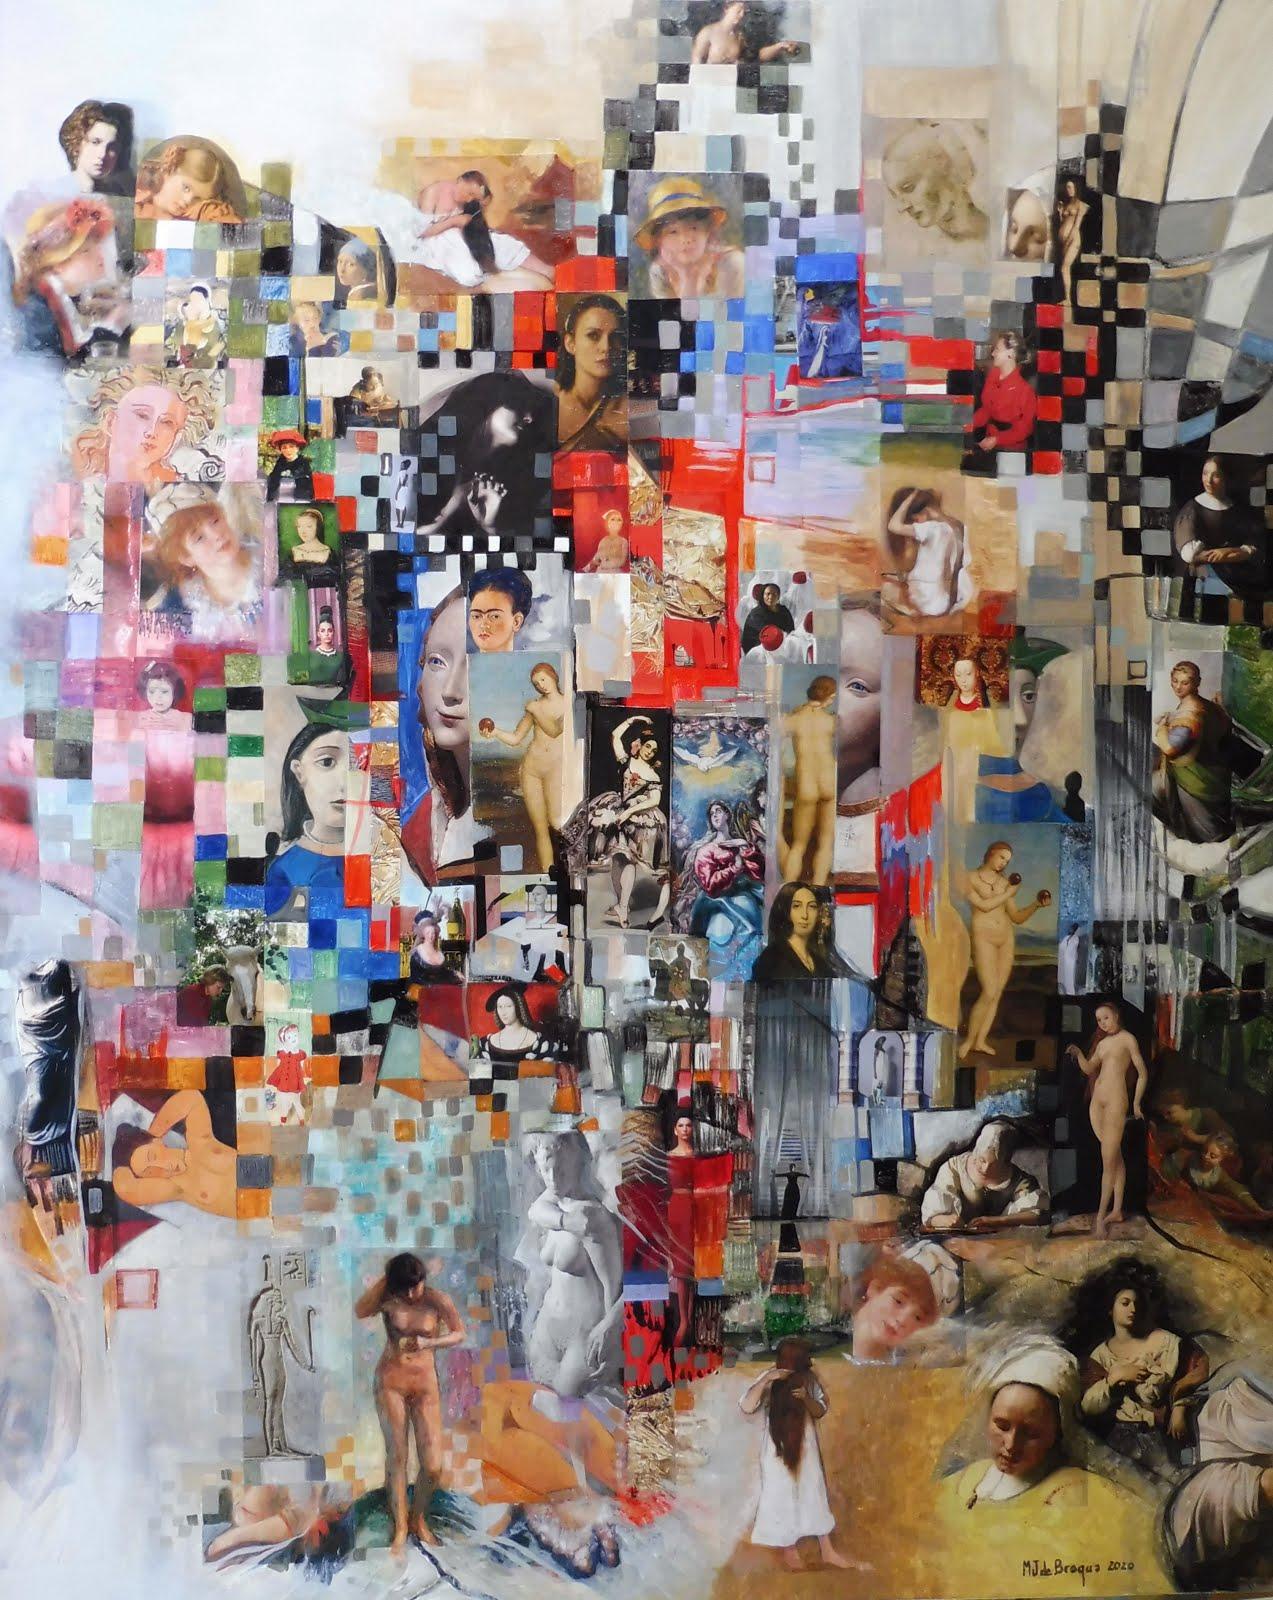 Parfums de femmes - 73 x 92 cm - 2020